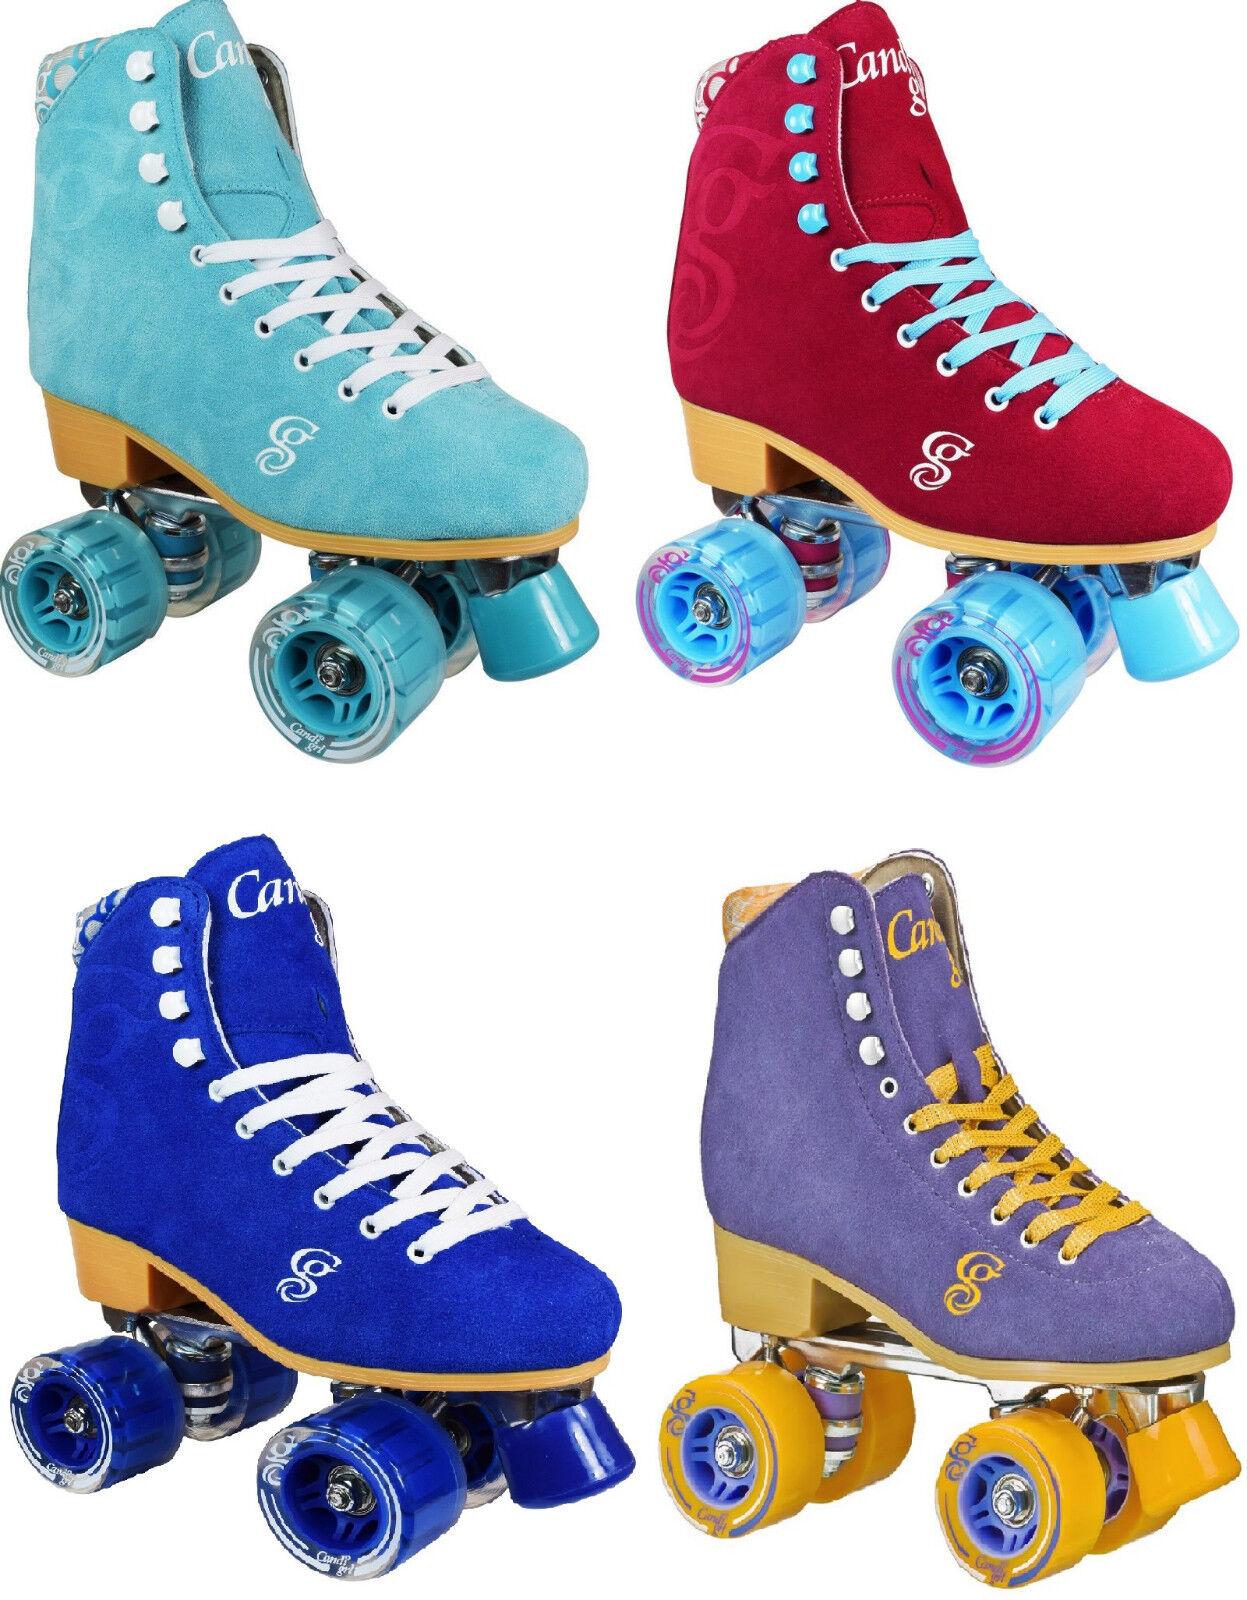 candi girl carlin roller skates girls ladies